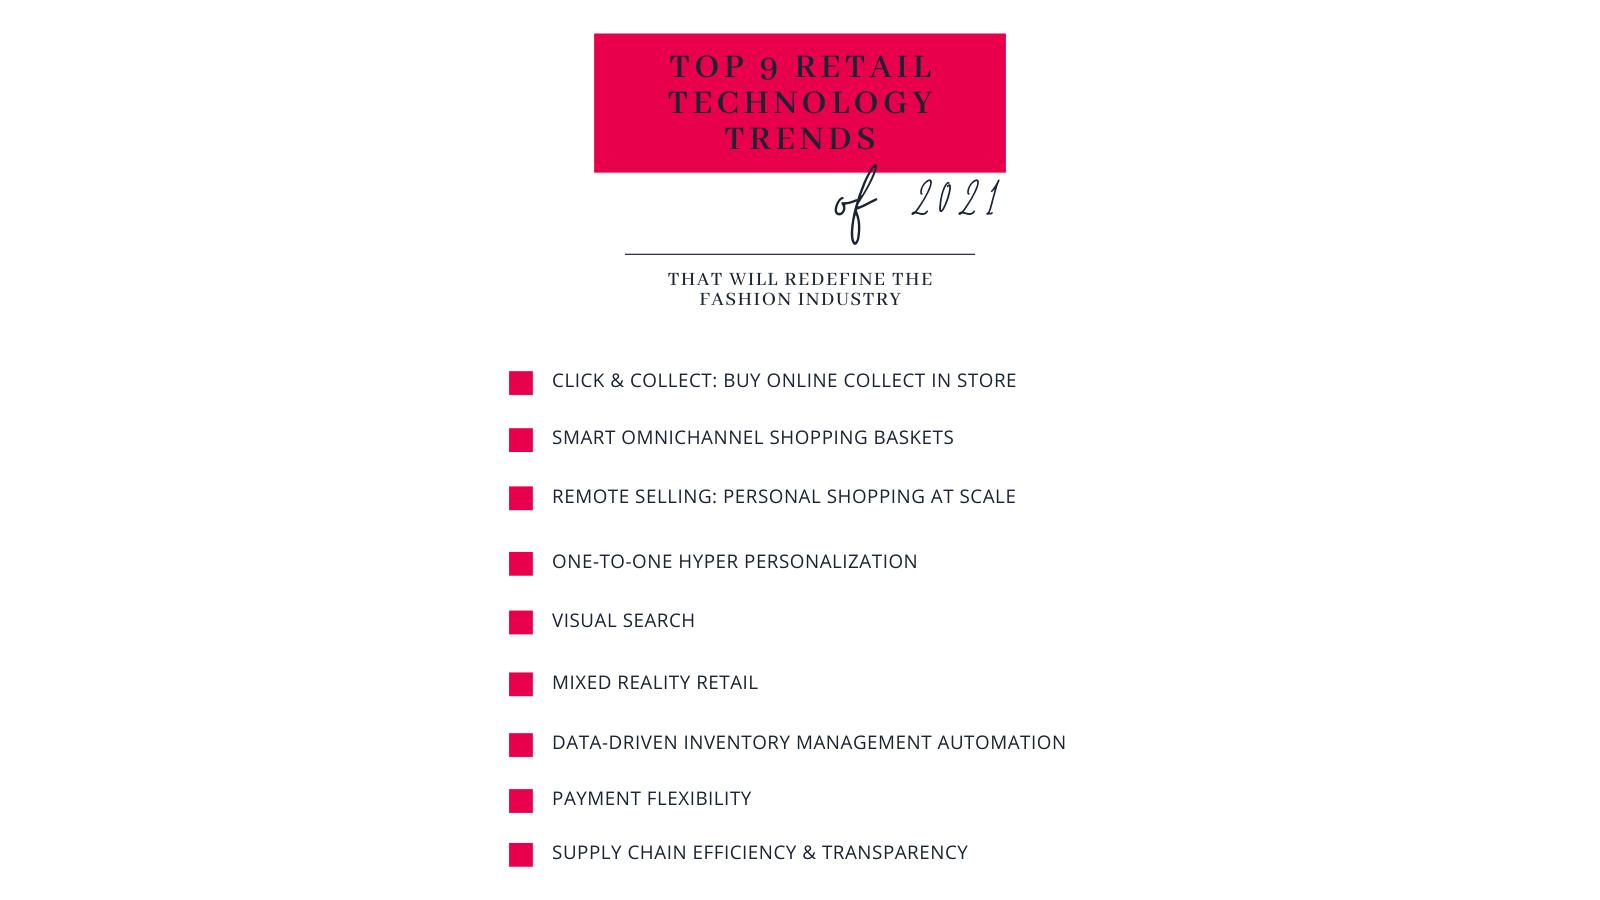 2021 retail trends checklist